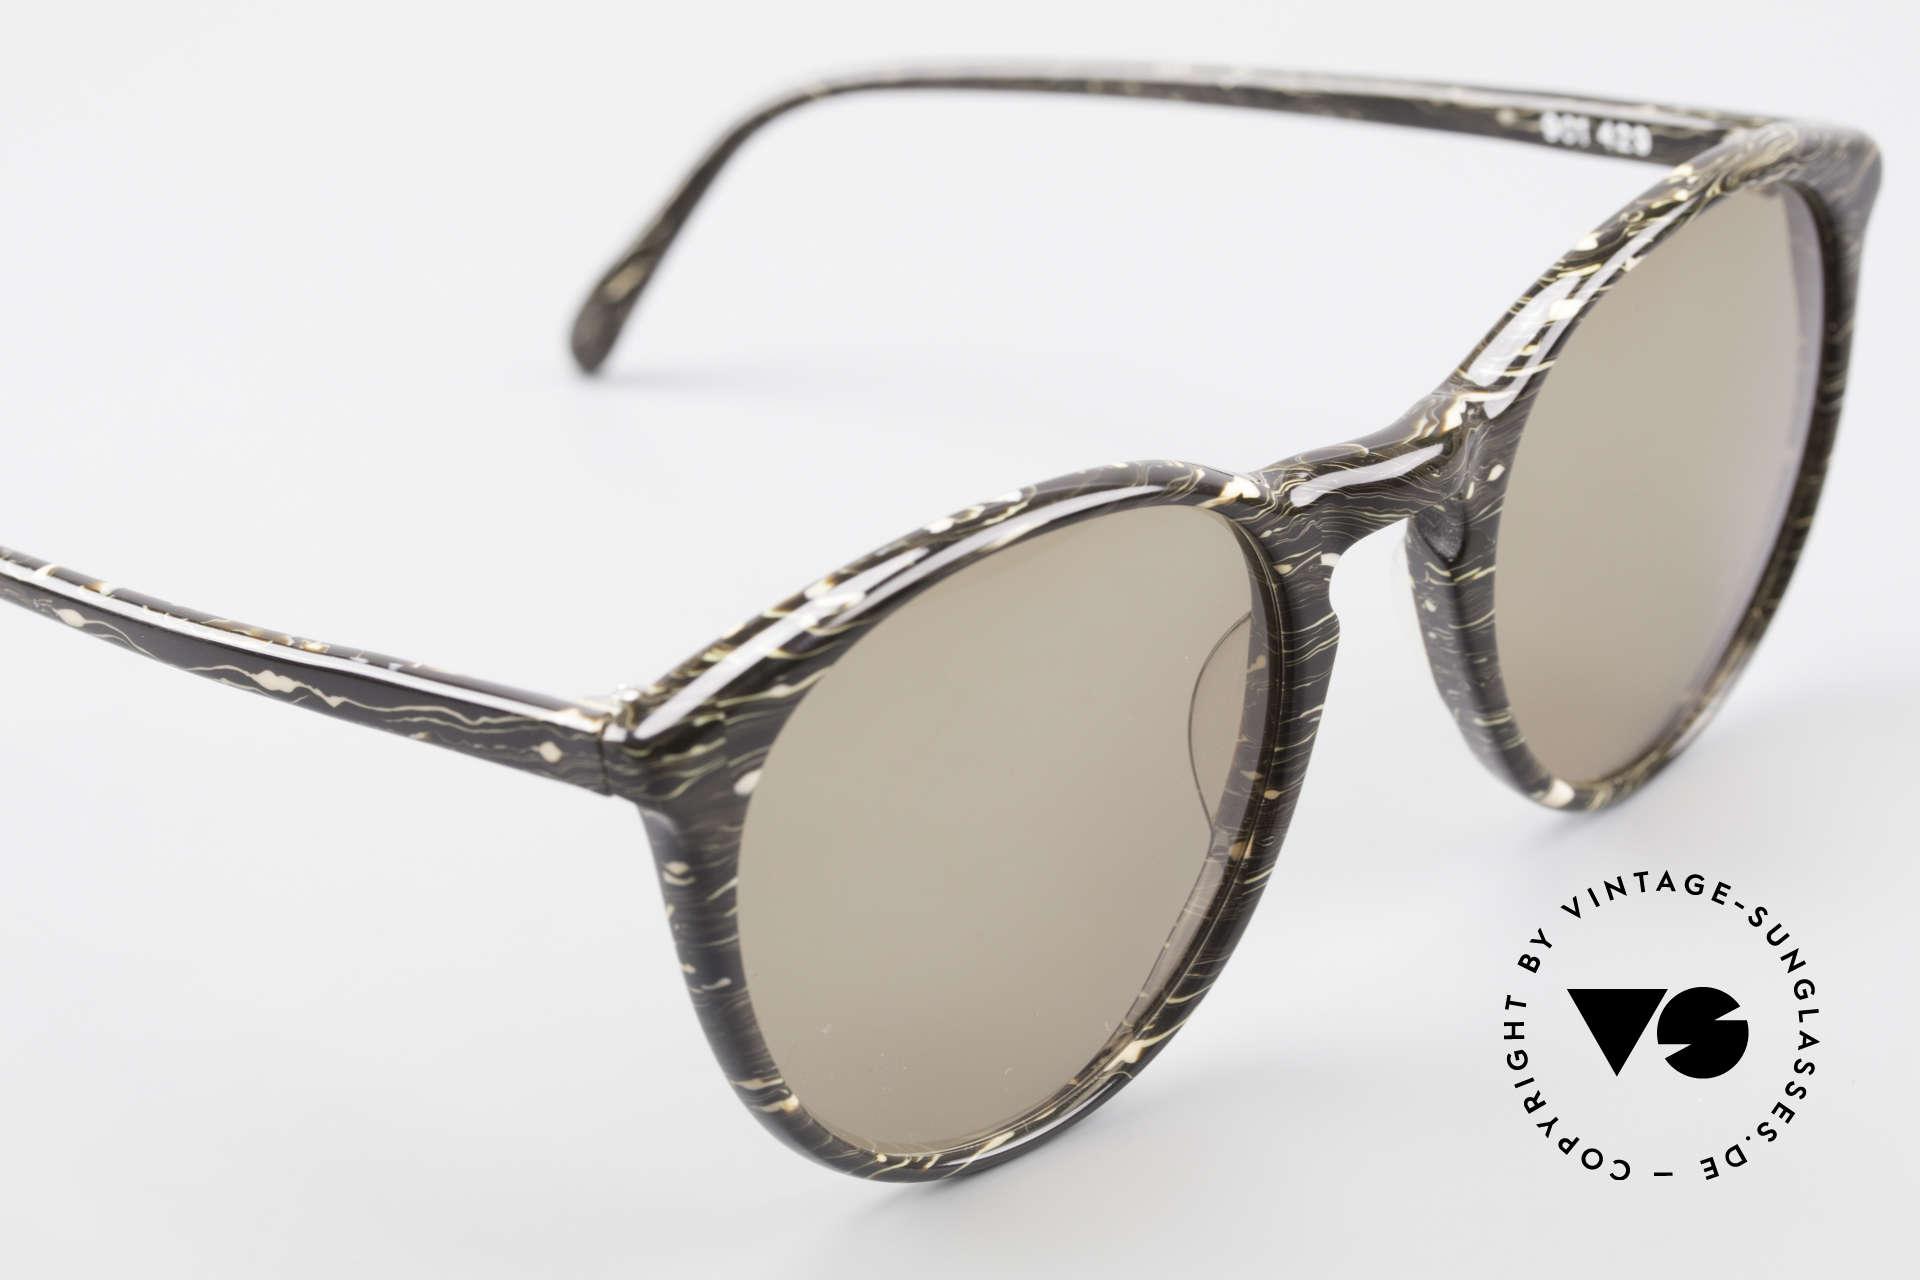 Alain Mikli 901 / 429 80er Brille Braun Marmoriert, ungetragen (wie alle unsere 1980er vintage Brillen), Passend für Herren und Damen